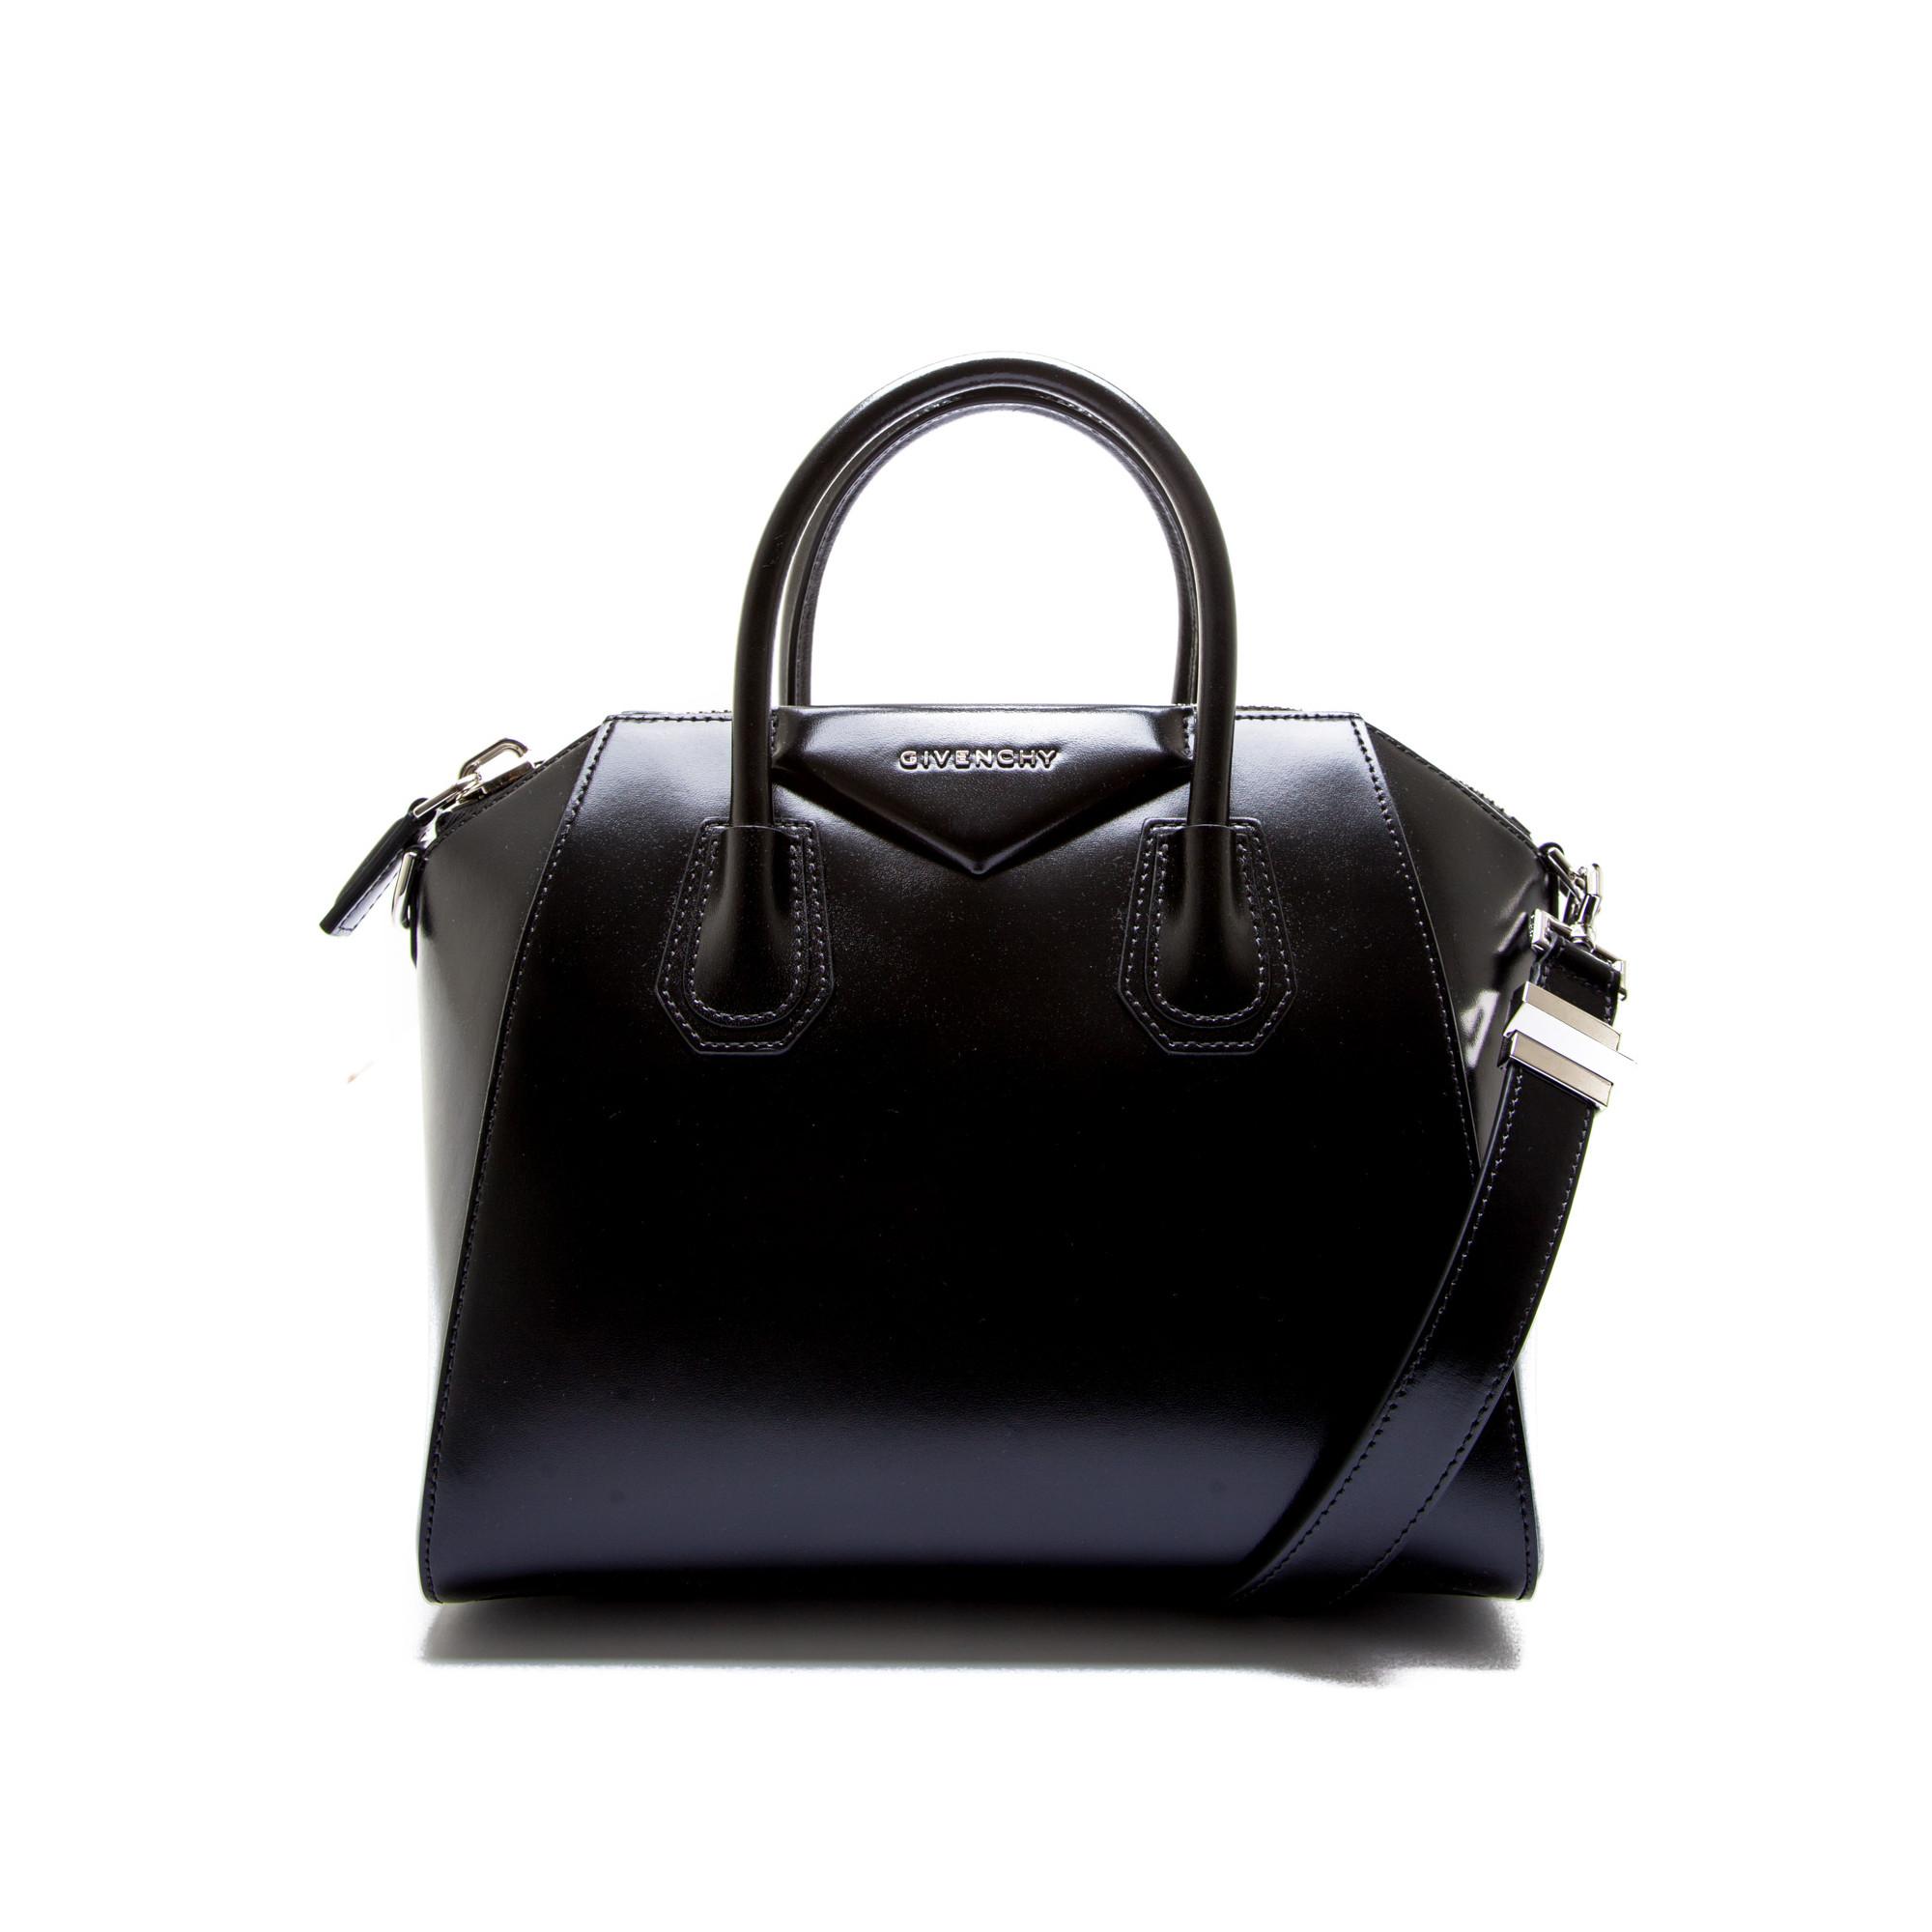 e47e46317b Givenchy antigona bag blackbb05117014 001 ss19